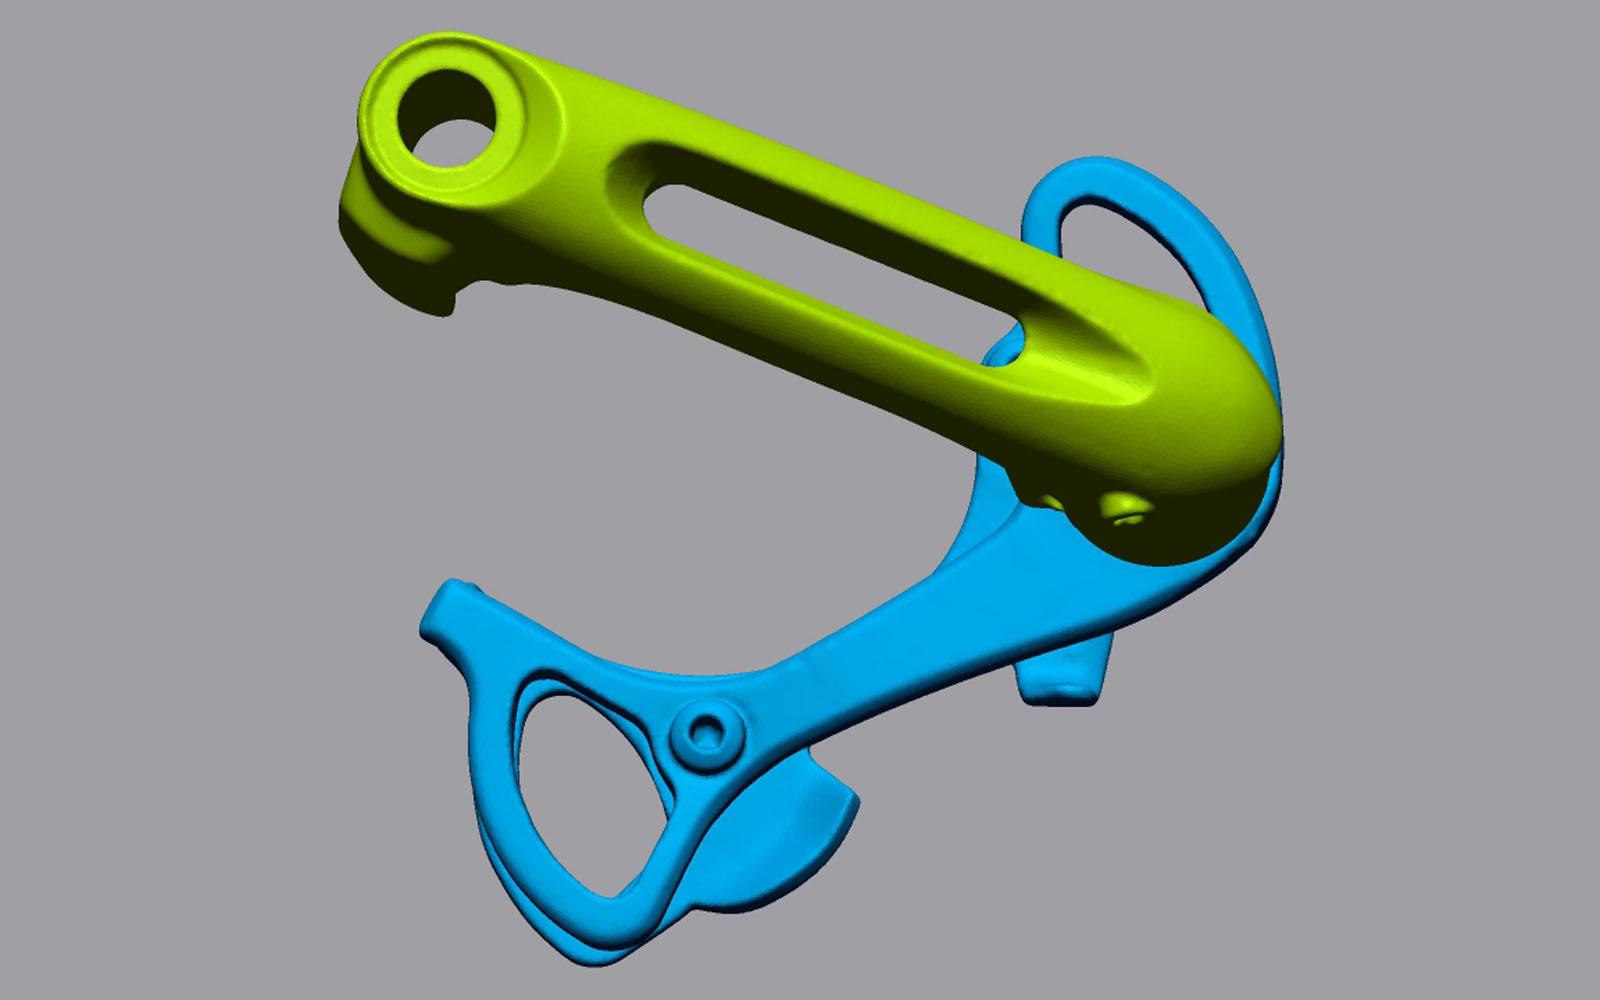 Conap 3D Reverse Engineering - STL Daten Modell eines Kettenspanners von Shimano